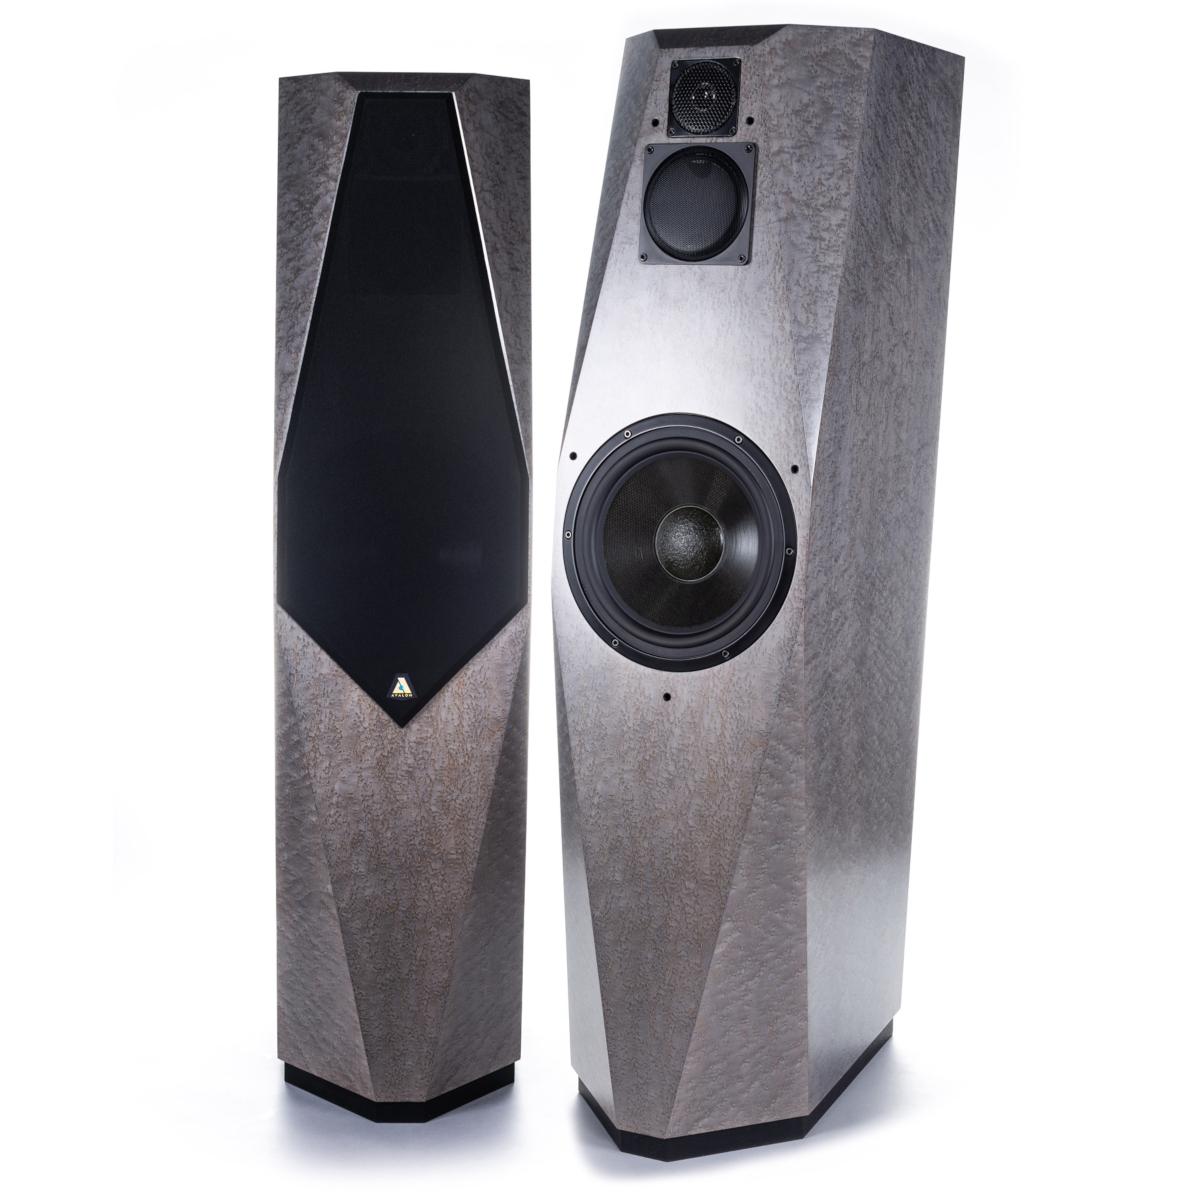 Avalon Acoustics Precision Monitor 4 ナチュラル ハイグロス 価格お問い合わせください。 アヴァロン スピーカーシステム ペア